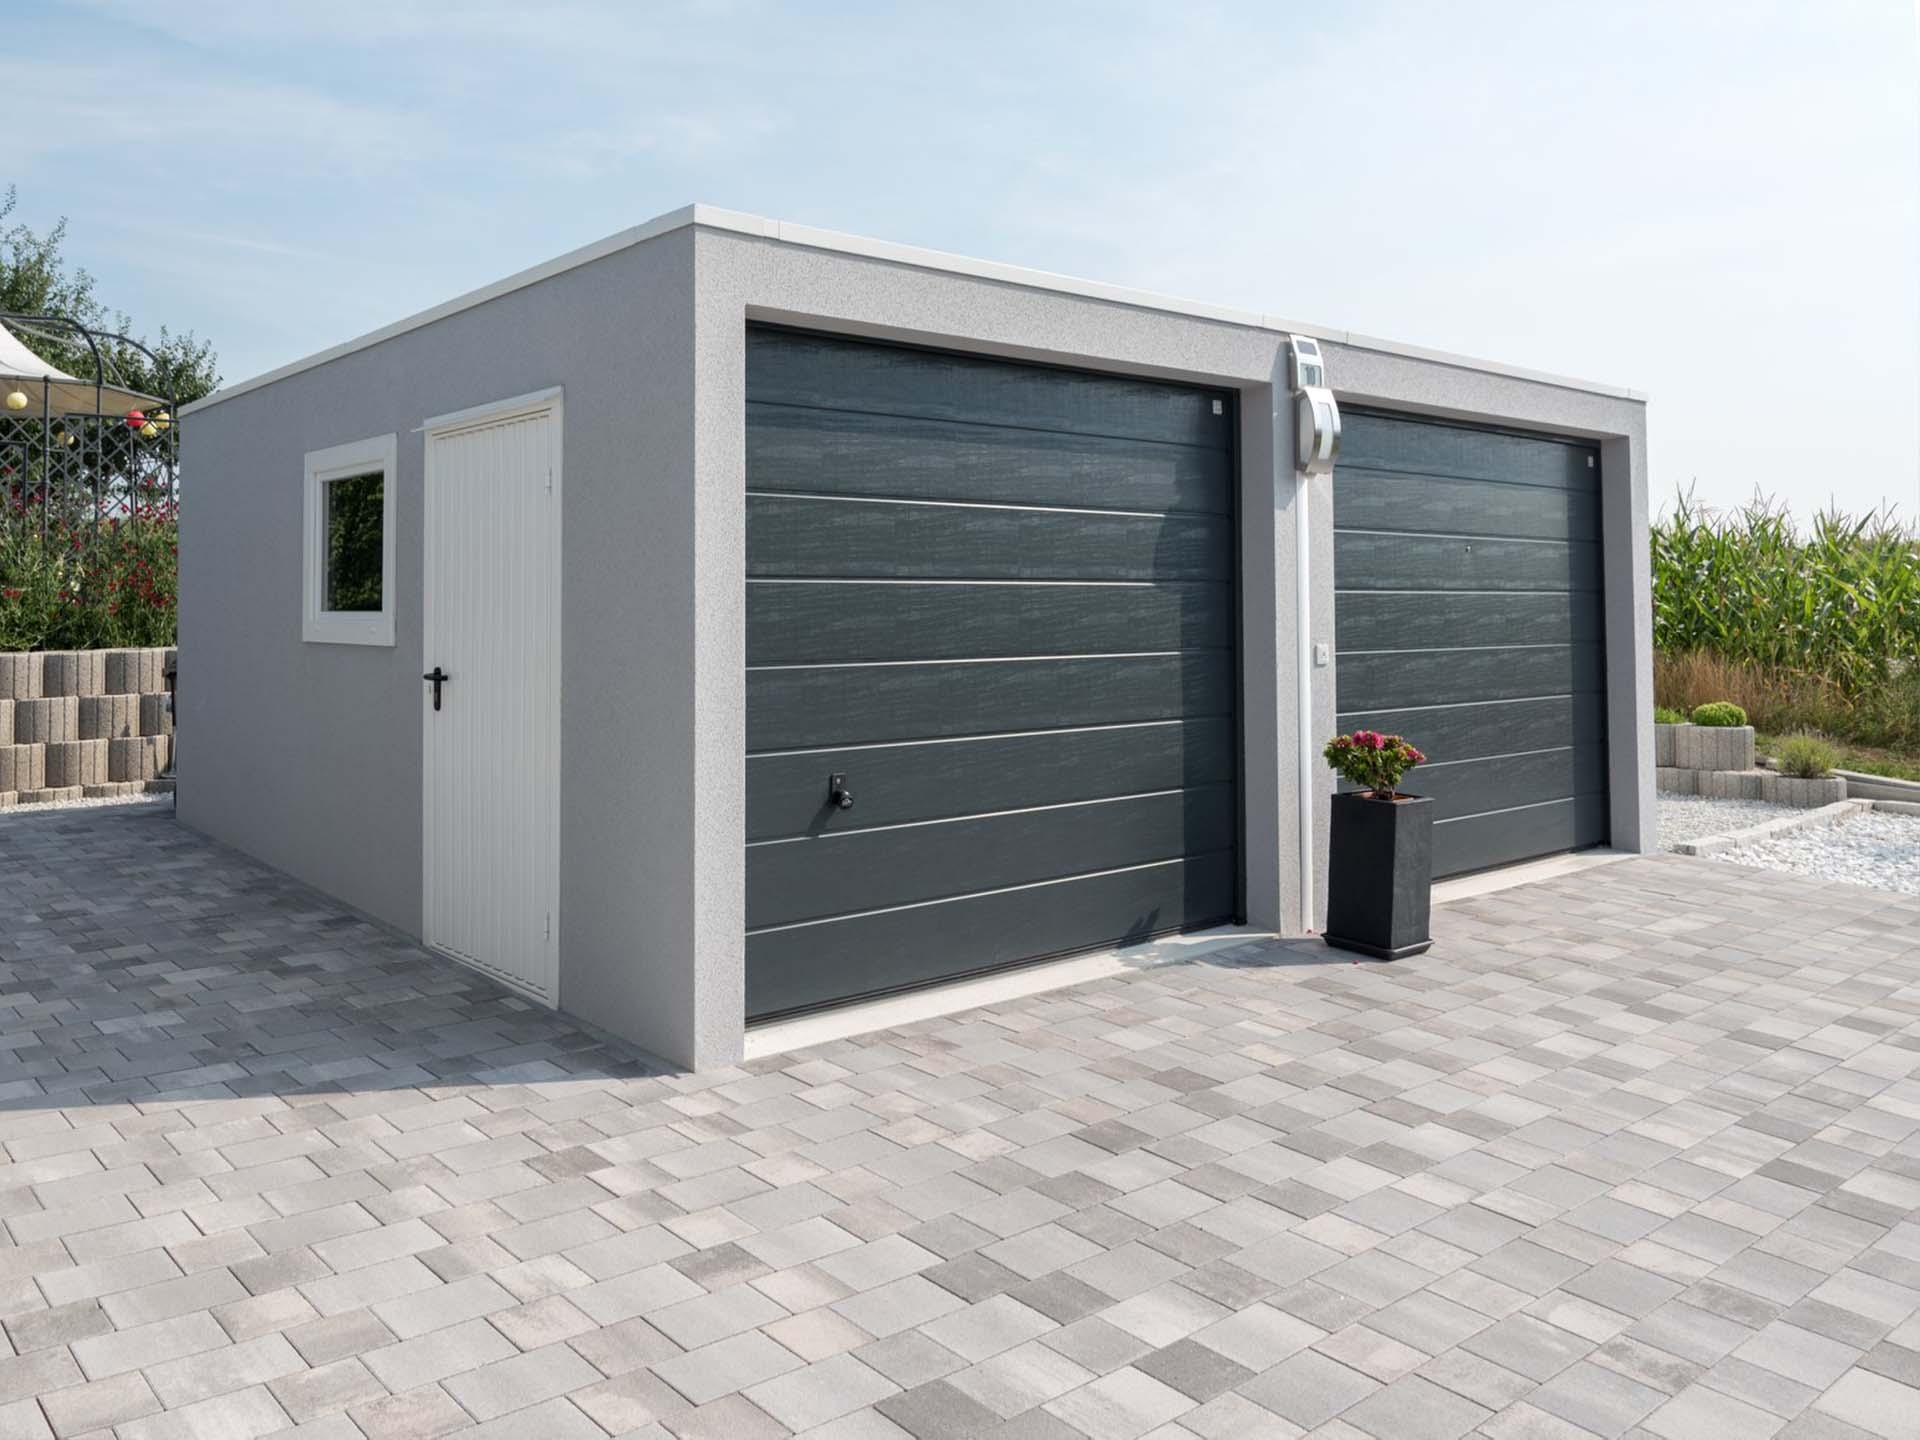 ZAPF Garagen Doppelgarage